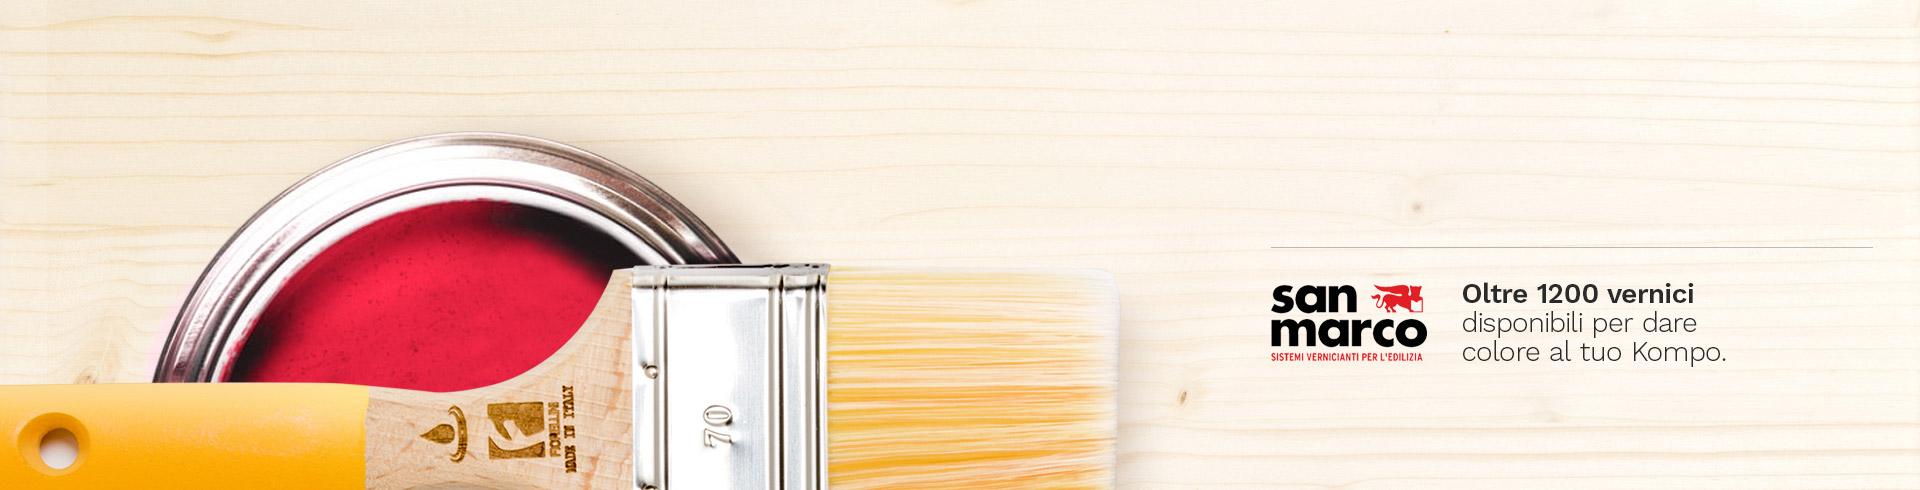 Vernici e impregnanti per mobili e scaffali in legno | Kompo